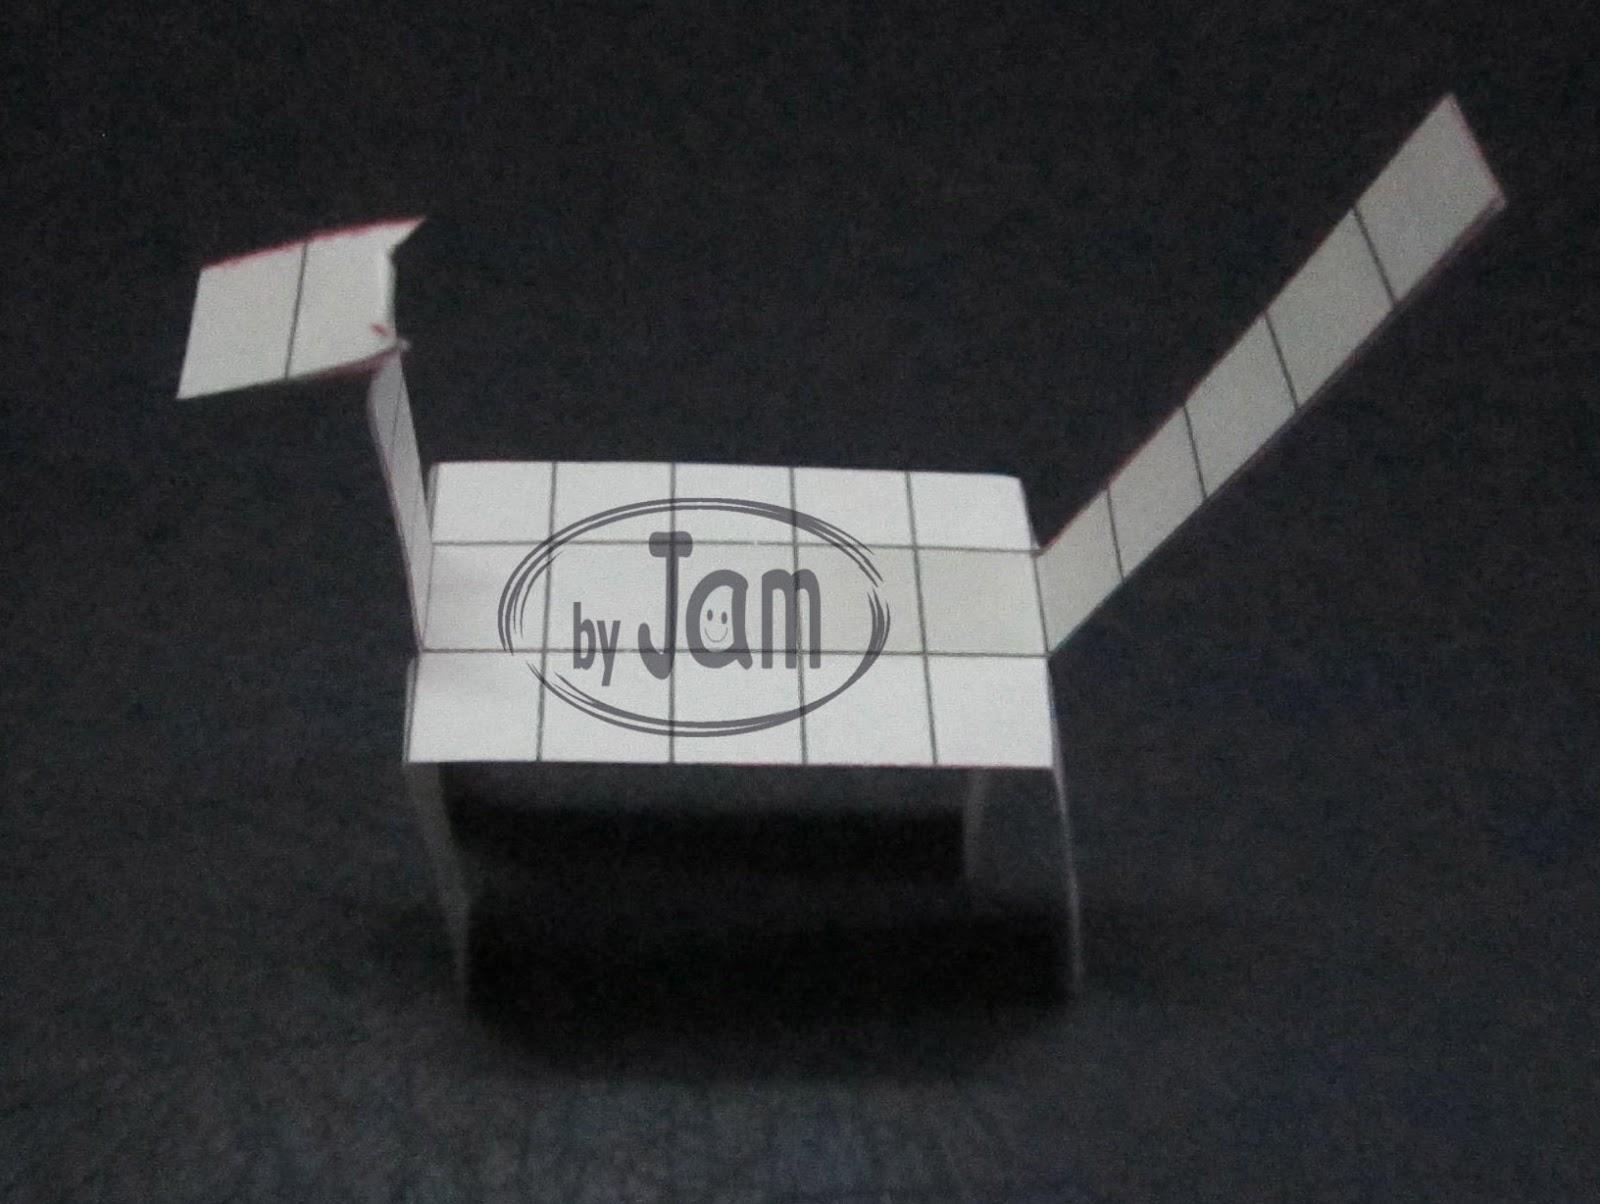 ของเล่น ม้ากระดาษเดินได้ ทำของเล่น สื่อการสอน  paper craft horse tokotoko horse